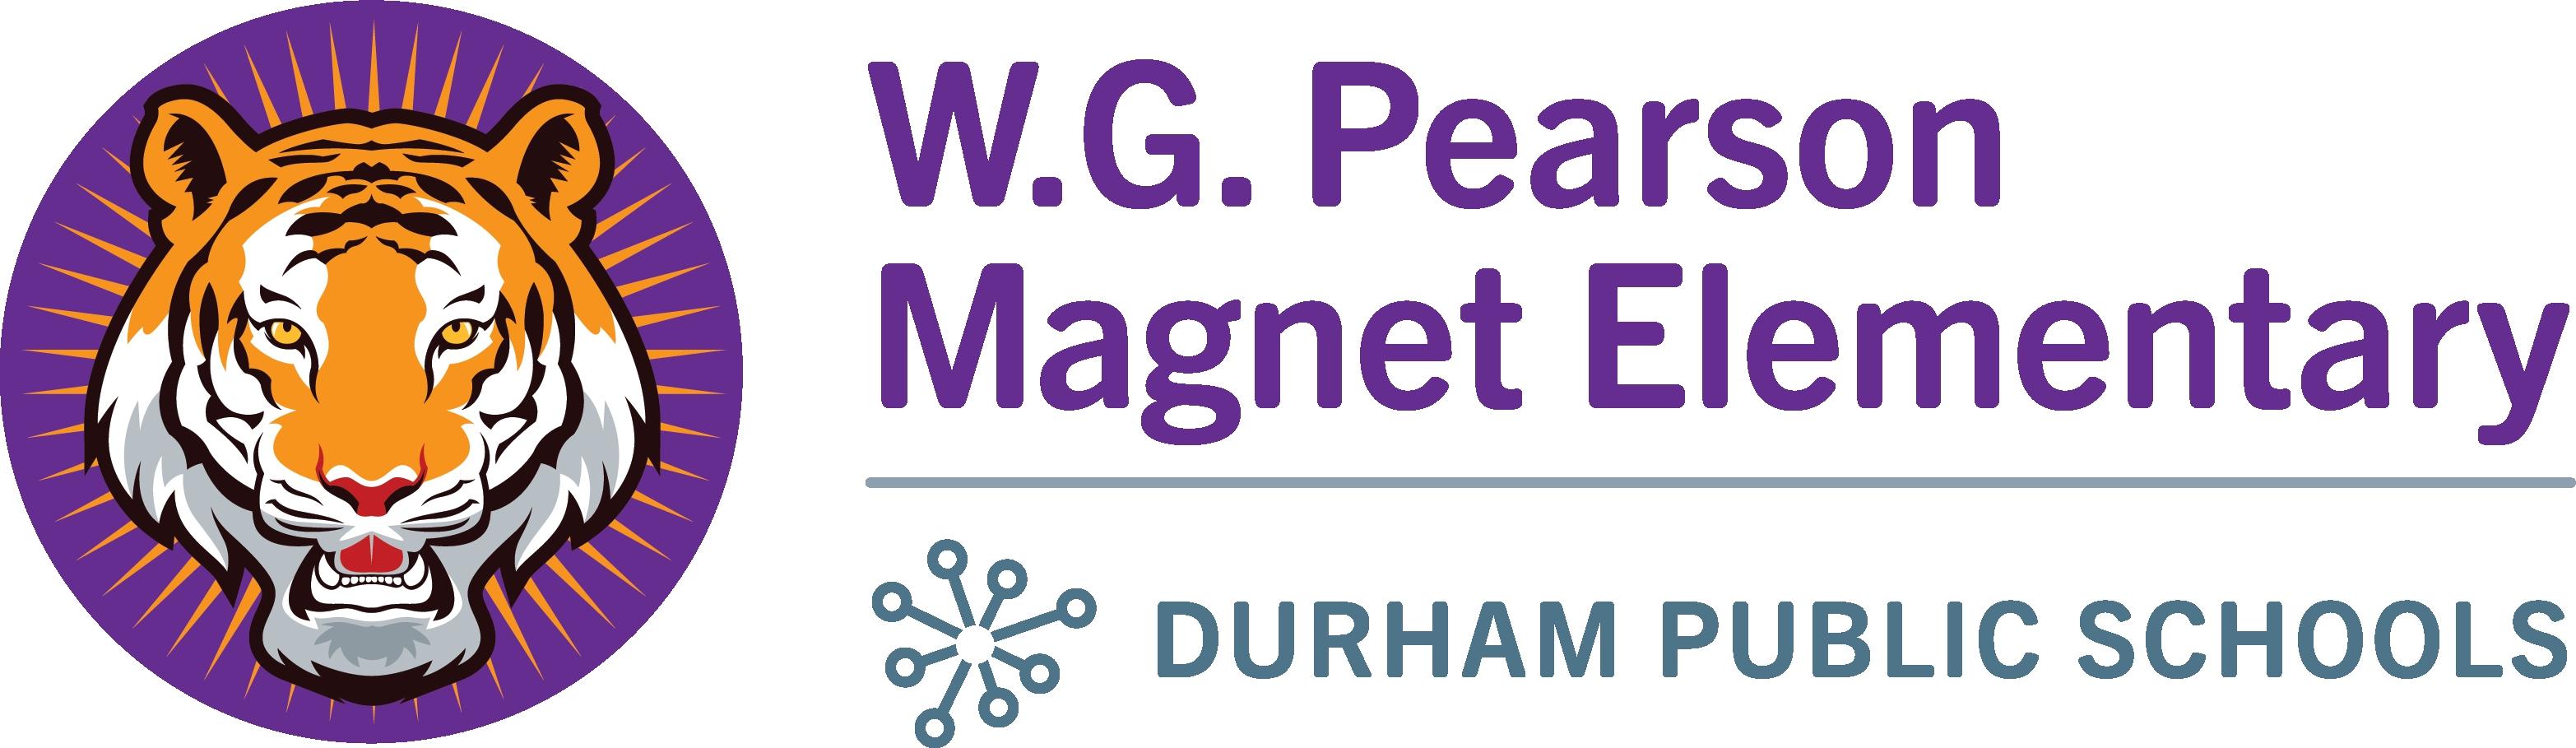 Durham Public Schools 2018 2018 School Year Calendar | Qualads Inside Durham Public School Calendar